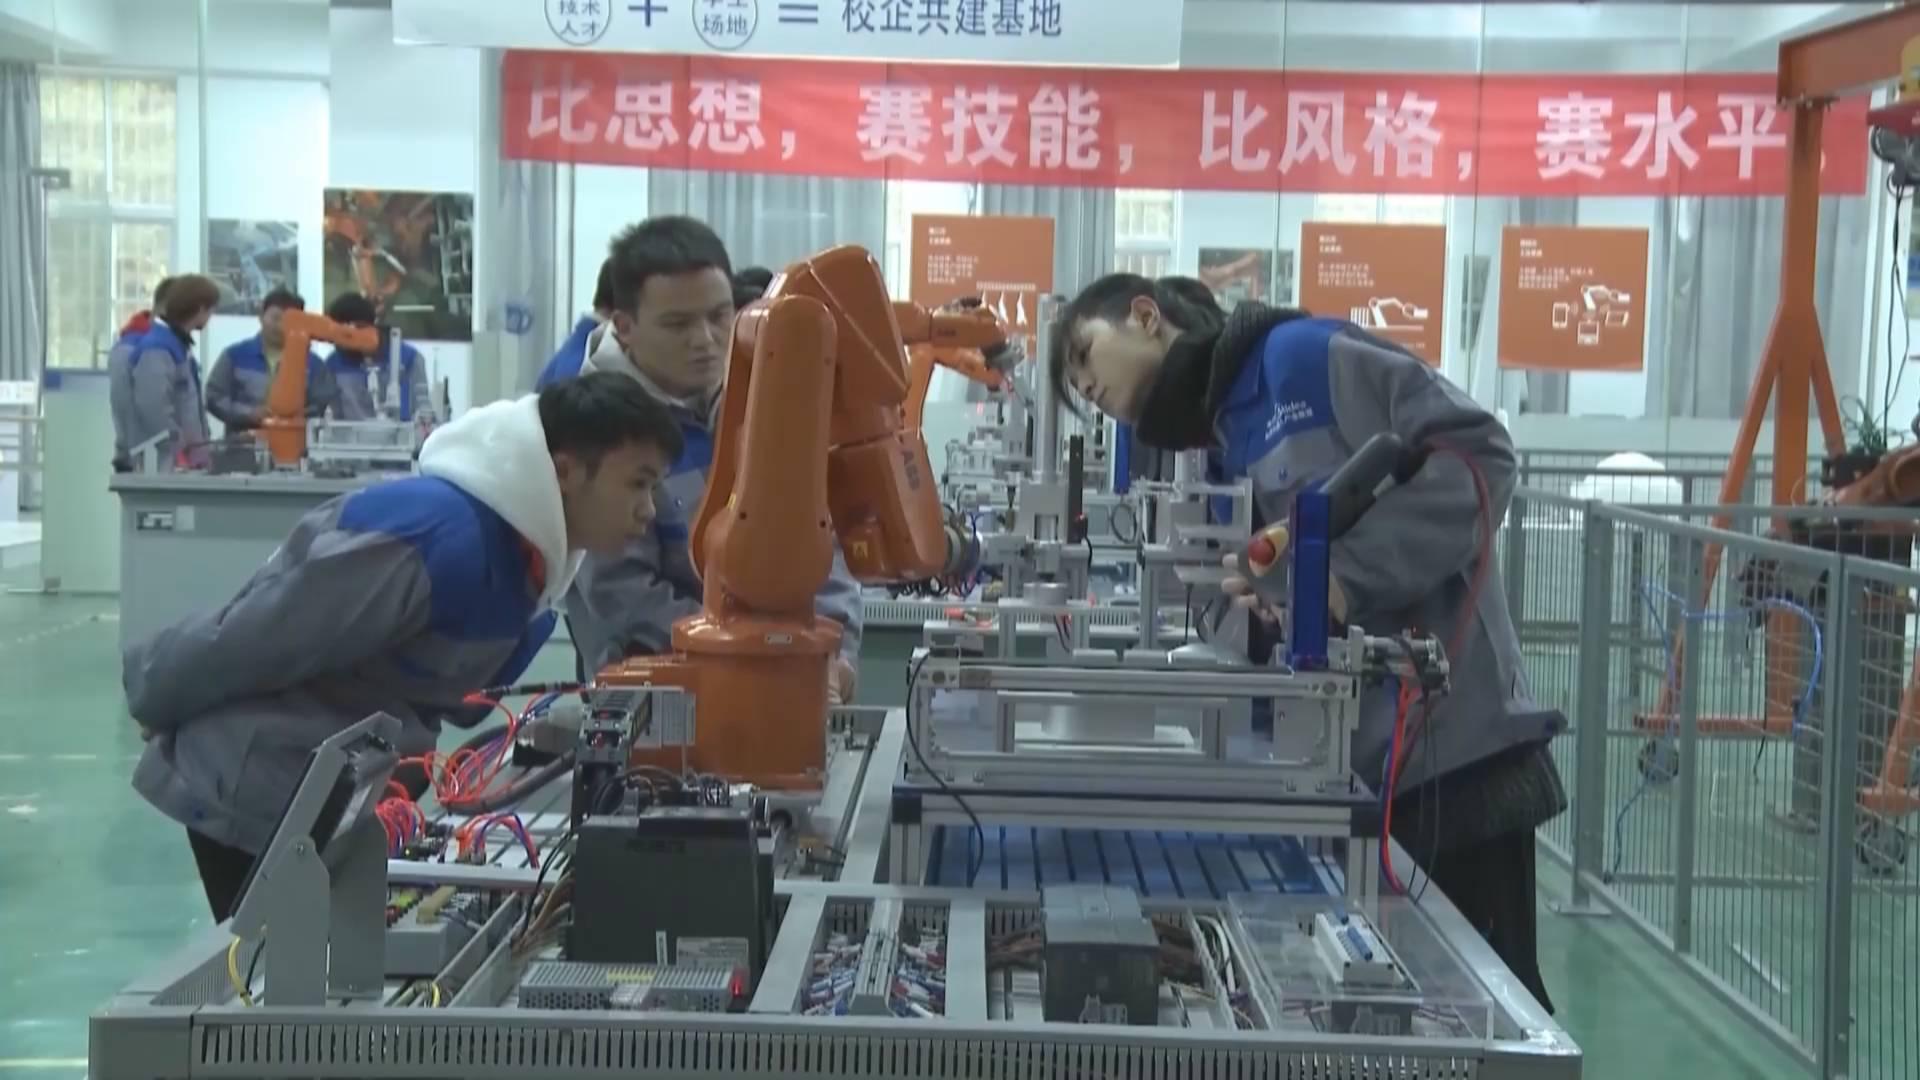 贵州:职业教育助力出彩人生